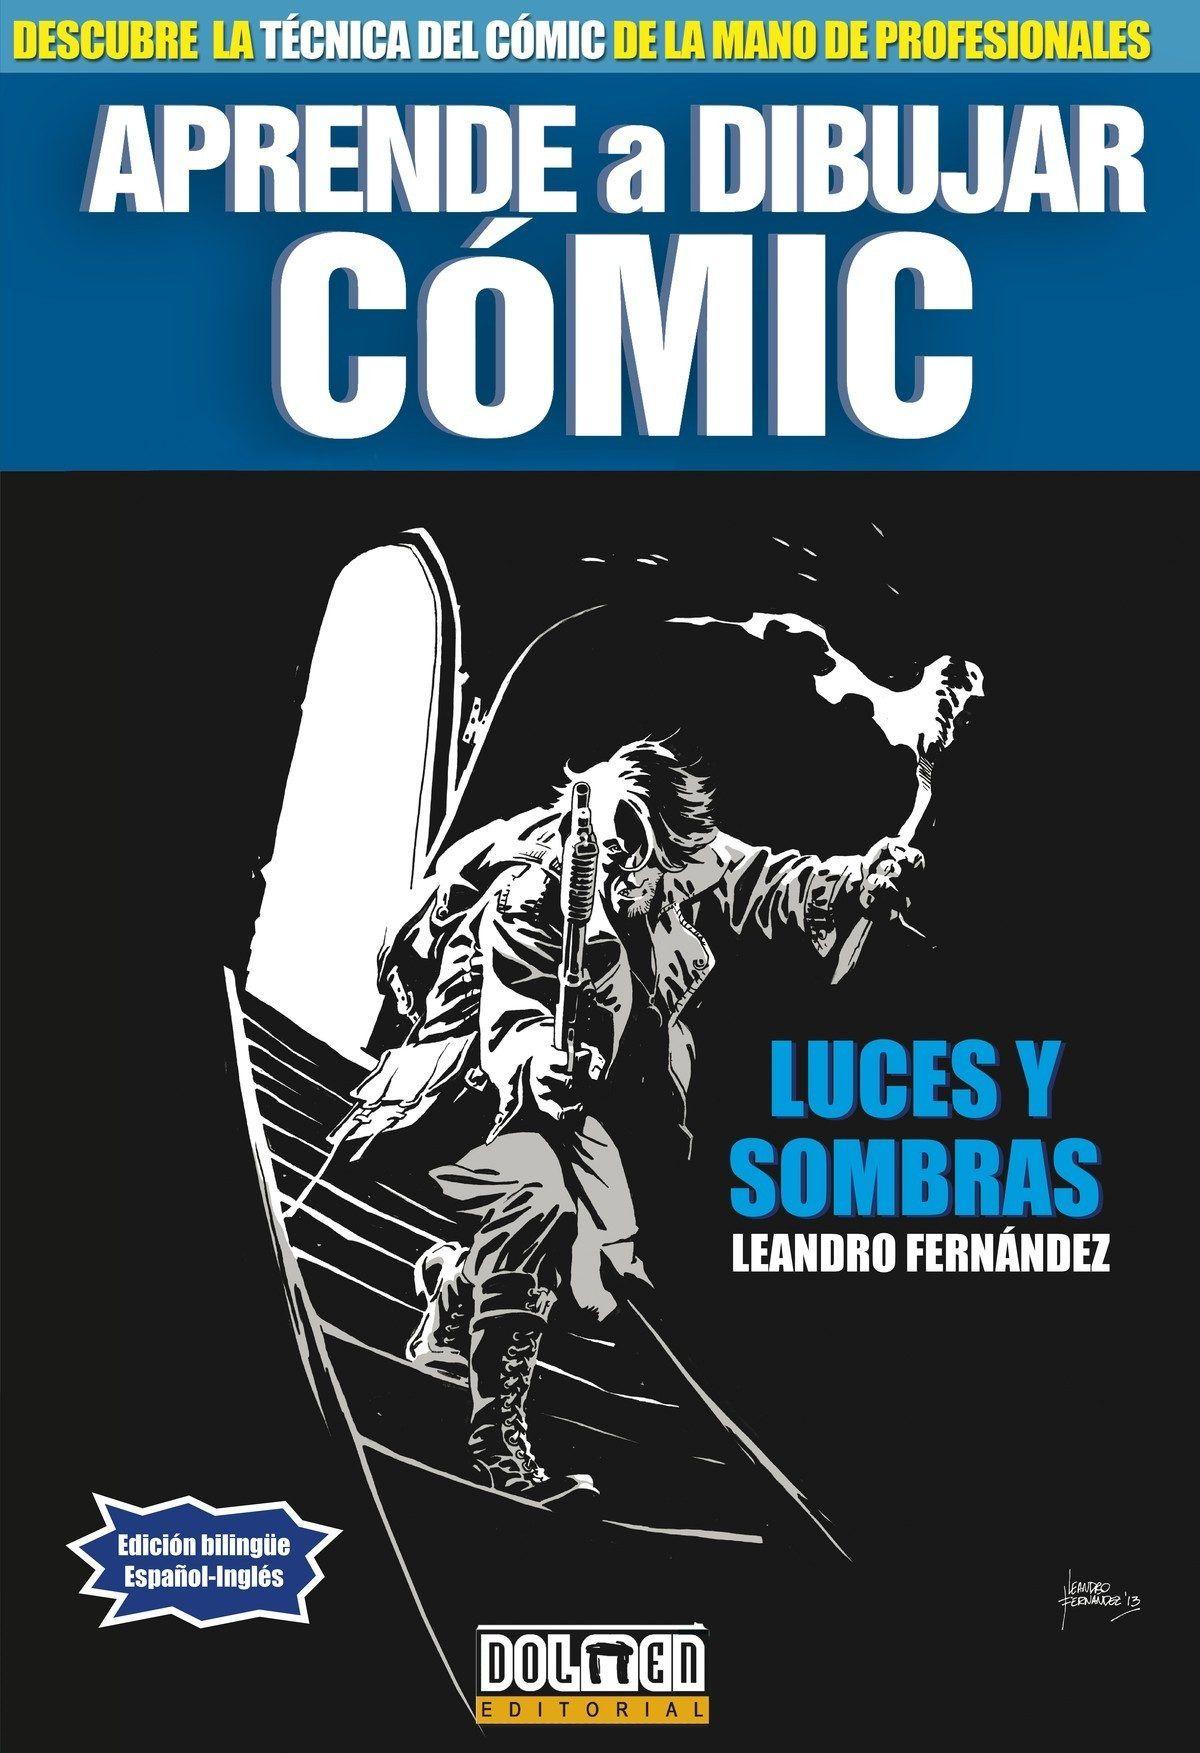 Una Detallada Explicacio Del Tractament Adequat De Les Llums I Les Ombres Coneixement Indispensable P Aprende A Dibujar Comic Libro De Dibujo Clases De Dibujo